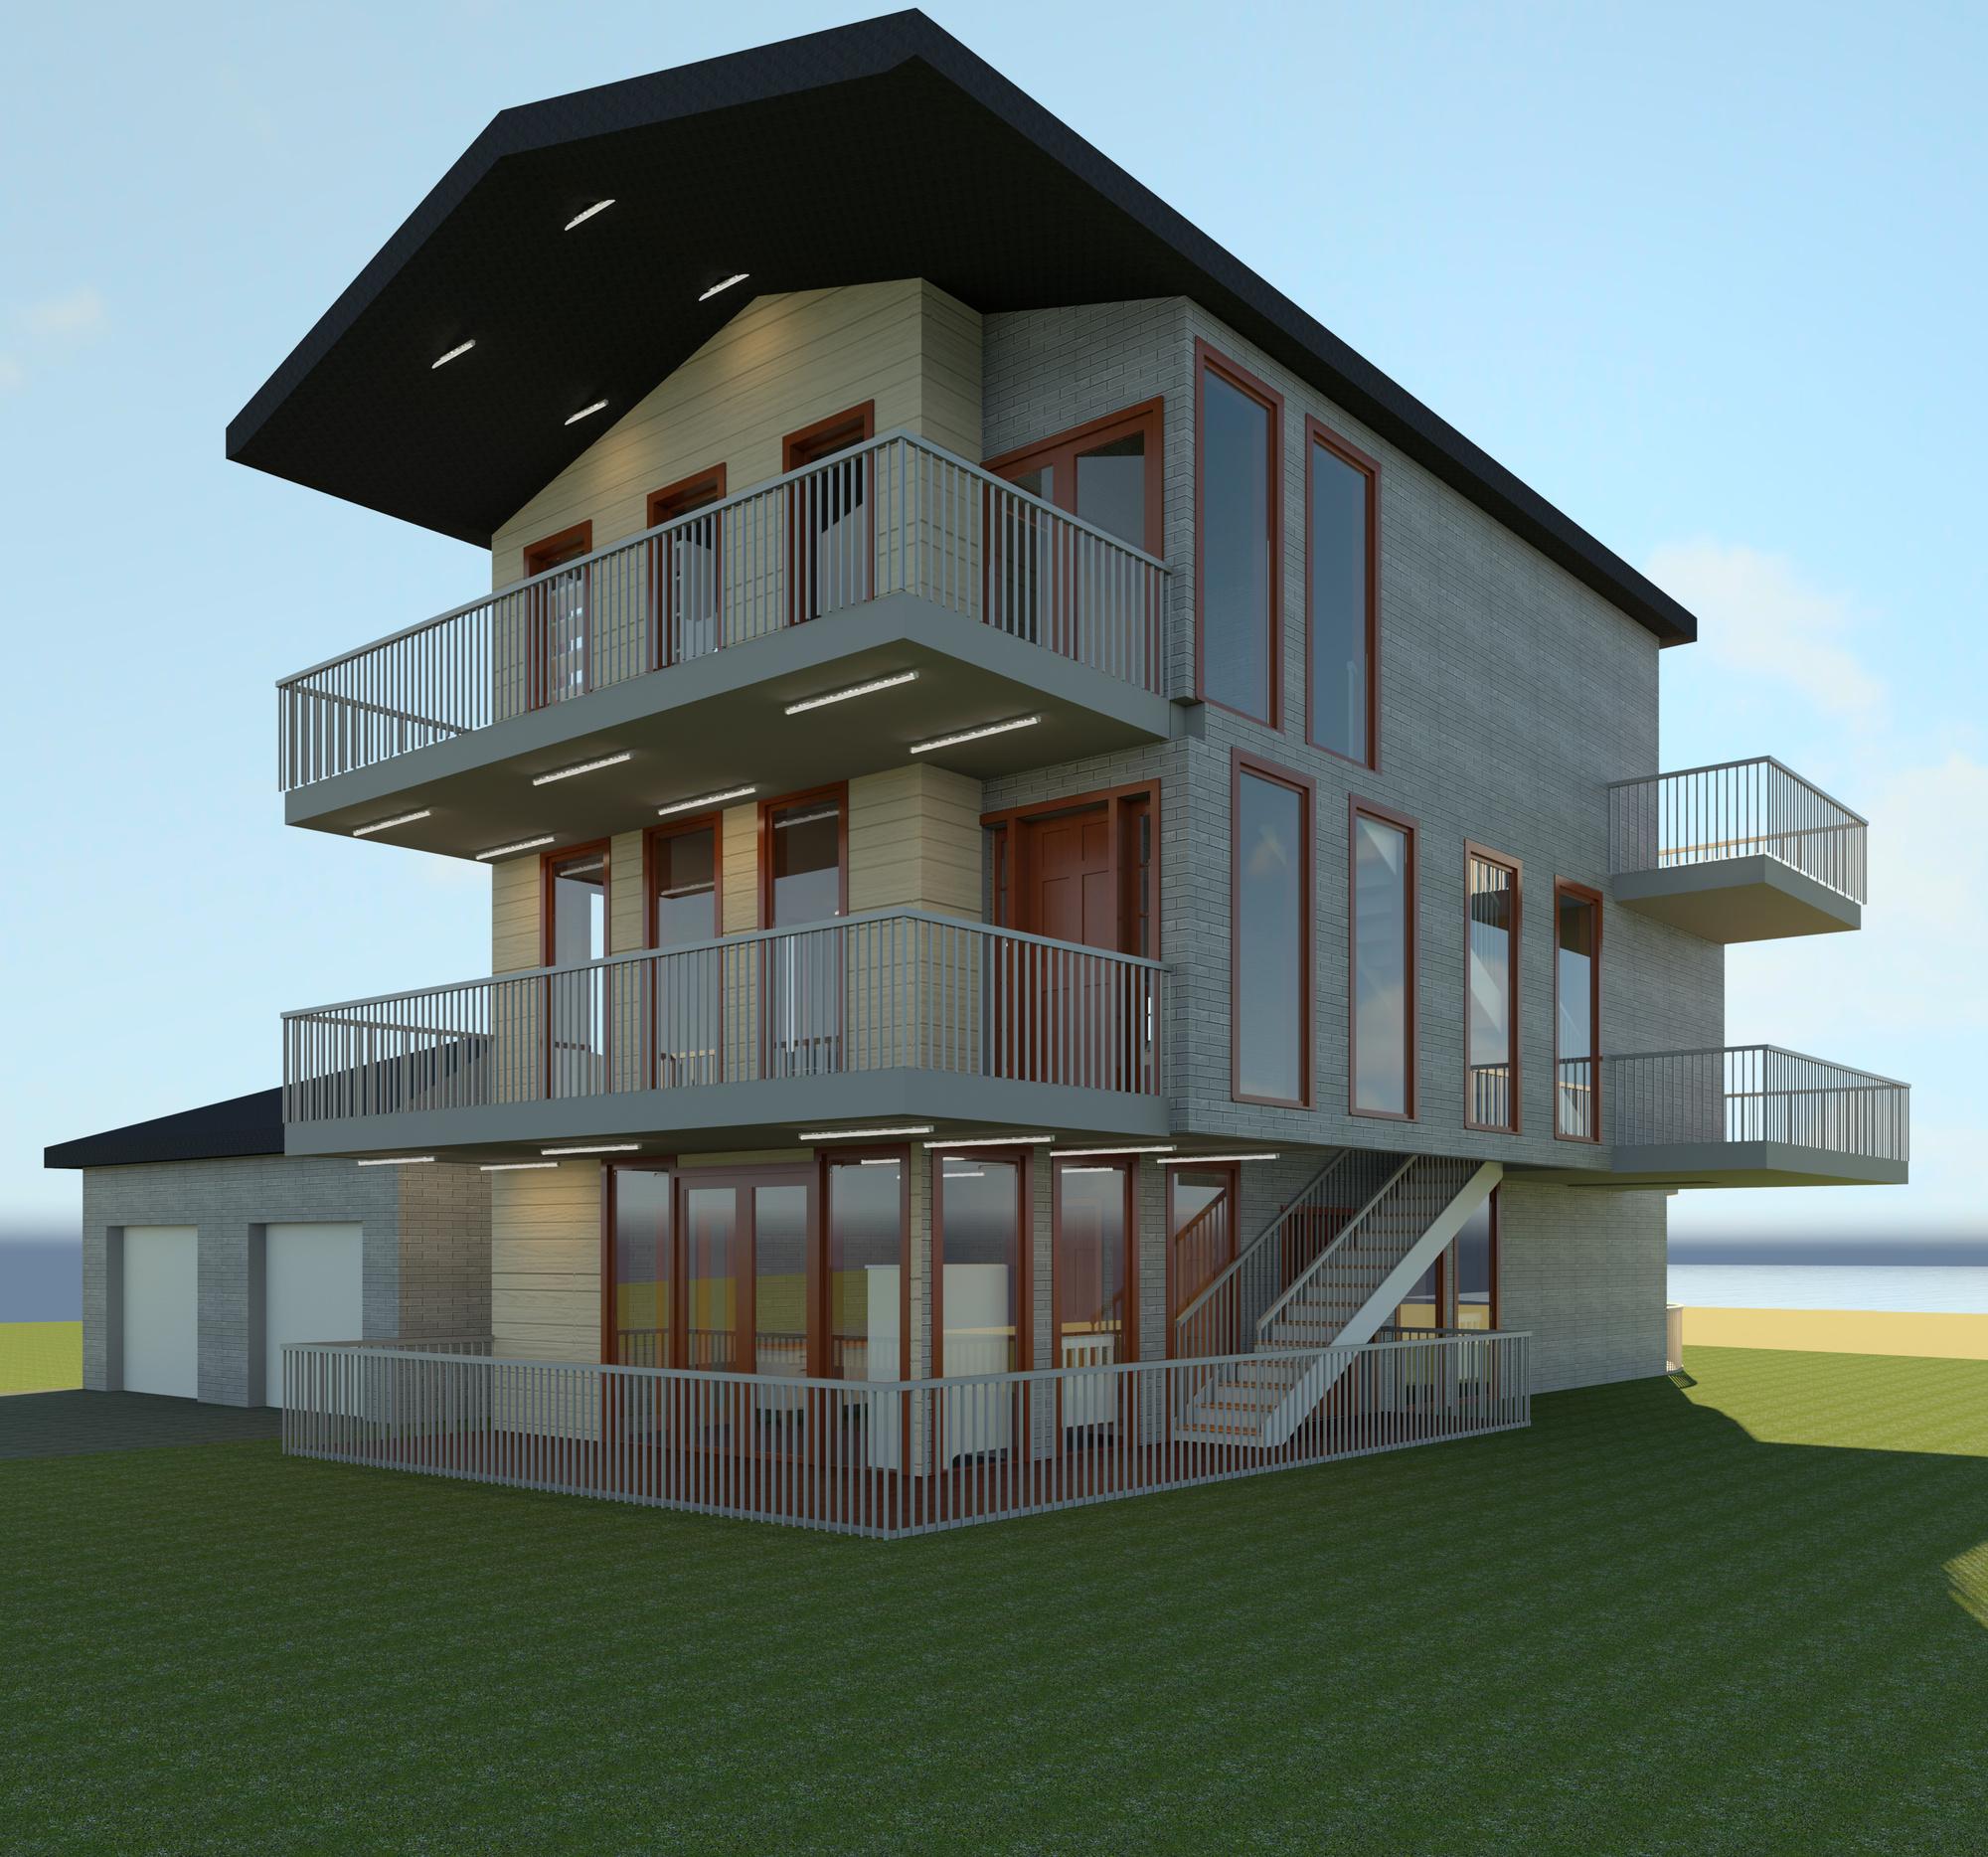 Raas-rendering20150515-25276-1ej79cg